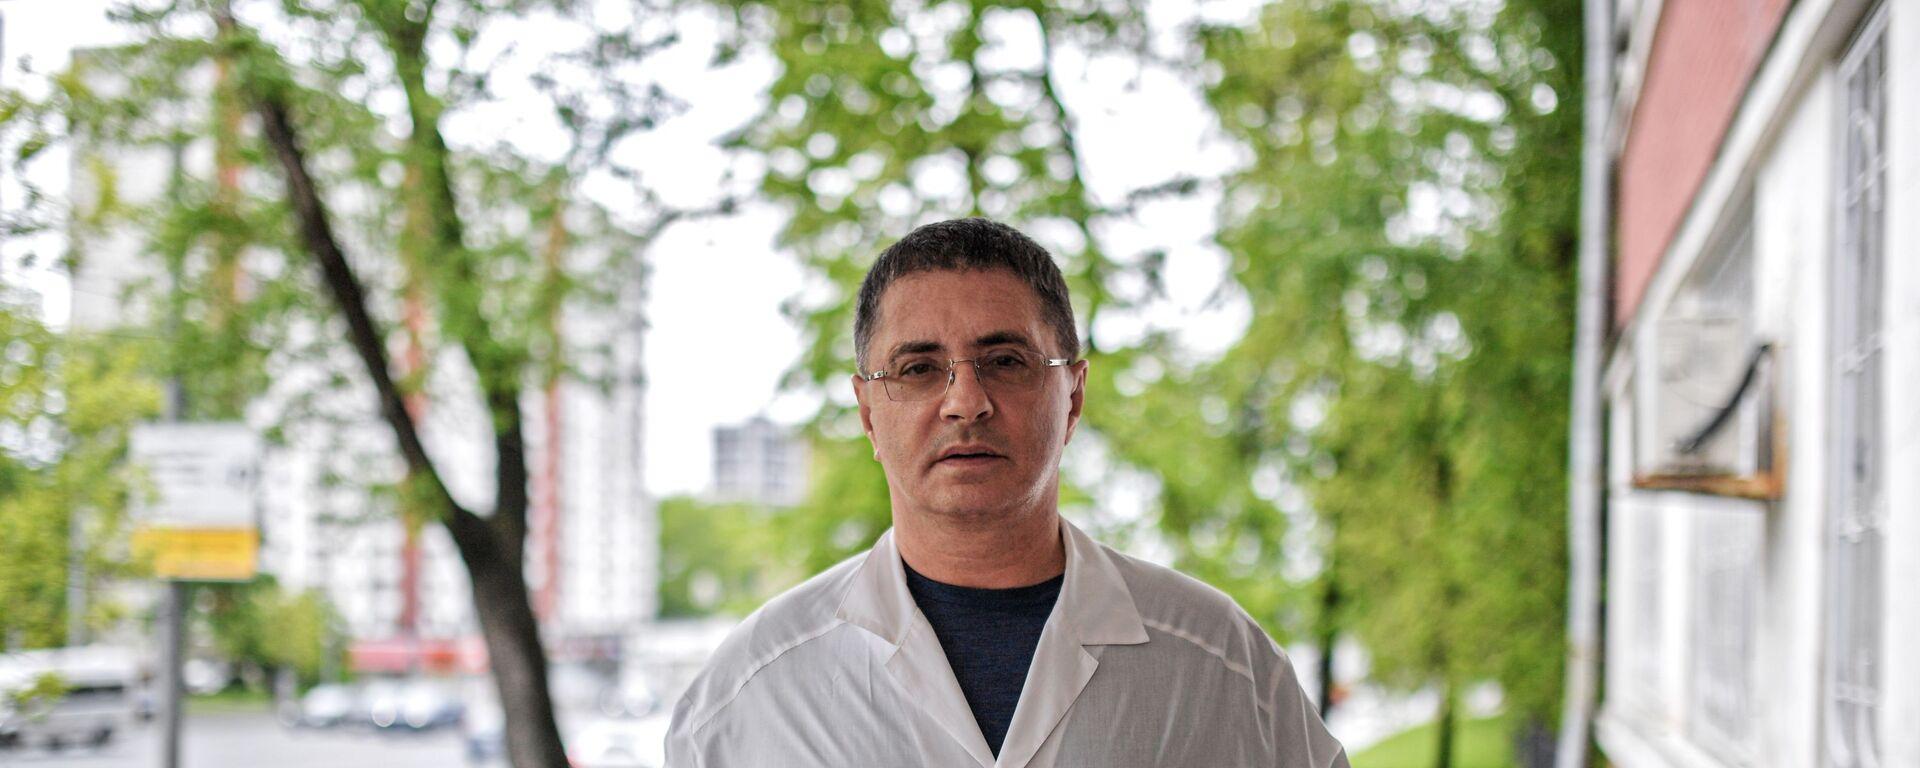 Главный врач городской клинической больницы №71 имени М. Е. Жадкевича Александр Мясников - Sputnik Армения, 1920, 25.09.2021